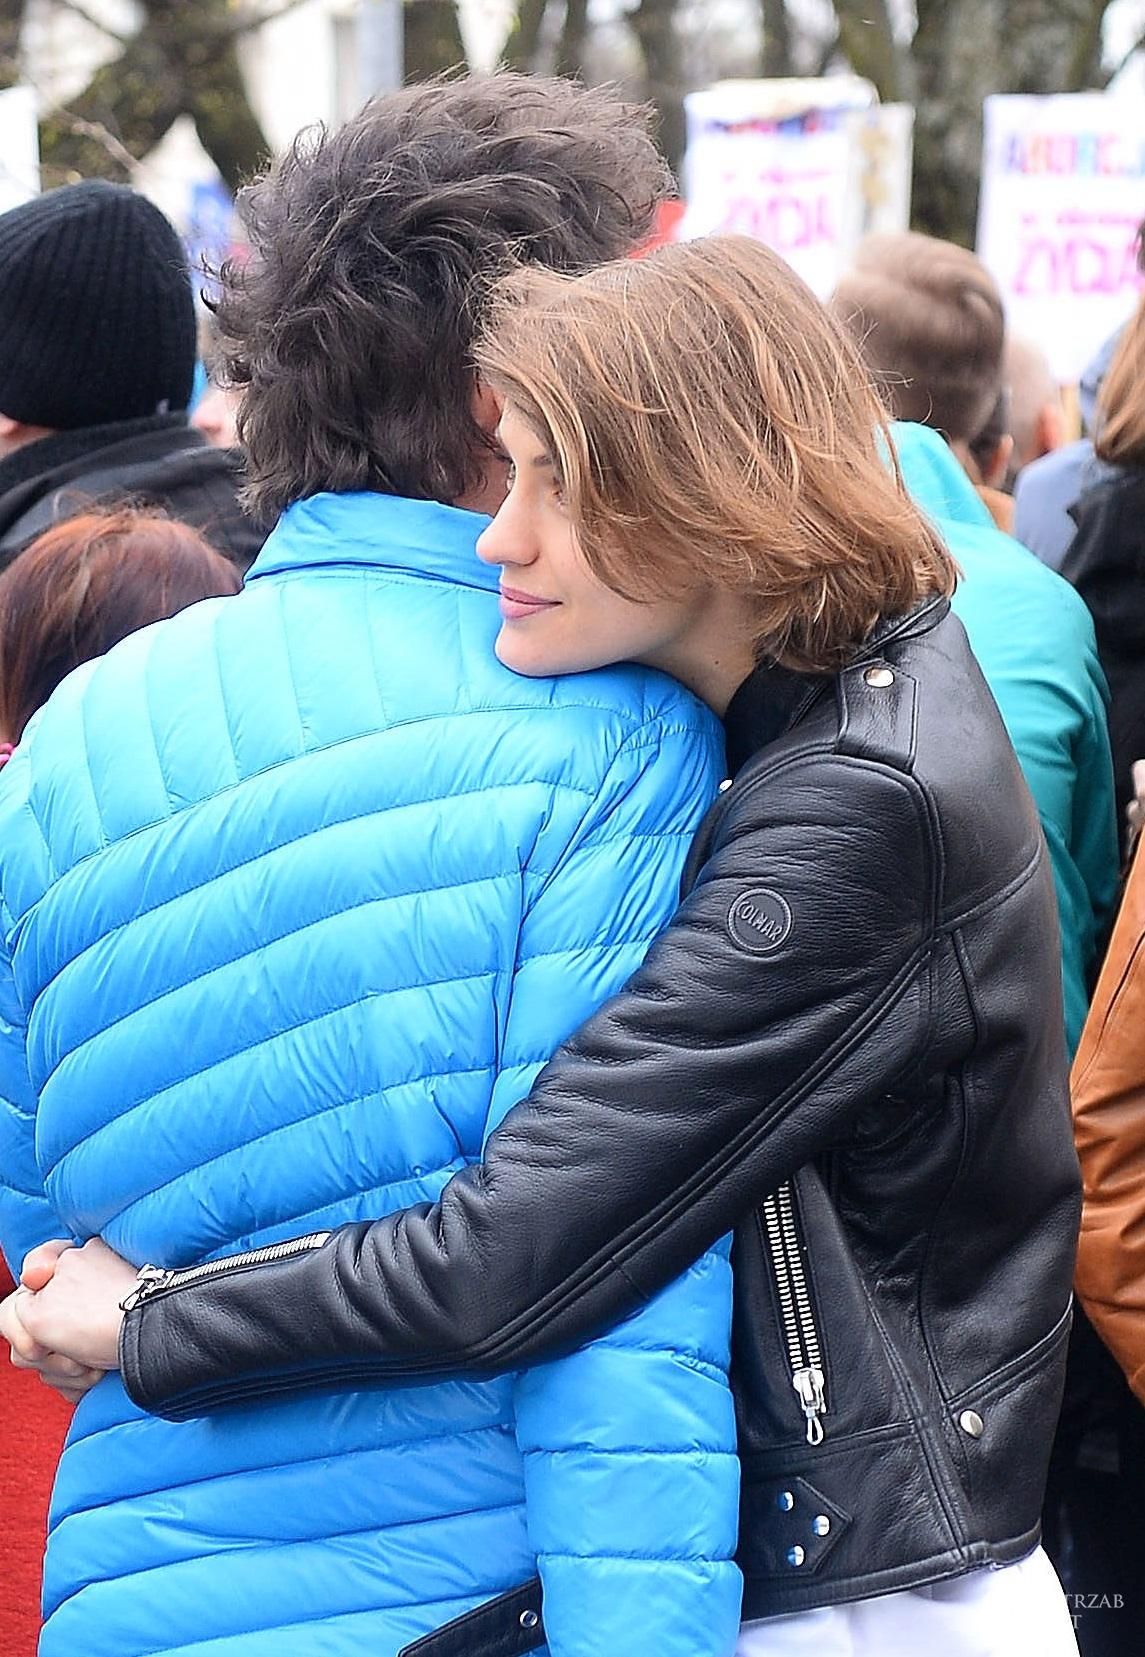 Kuba Wojewodzki i Renata Kaczoruk na proteście przeciwko zaostrzeniu ustawy antyaborcyjnej